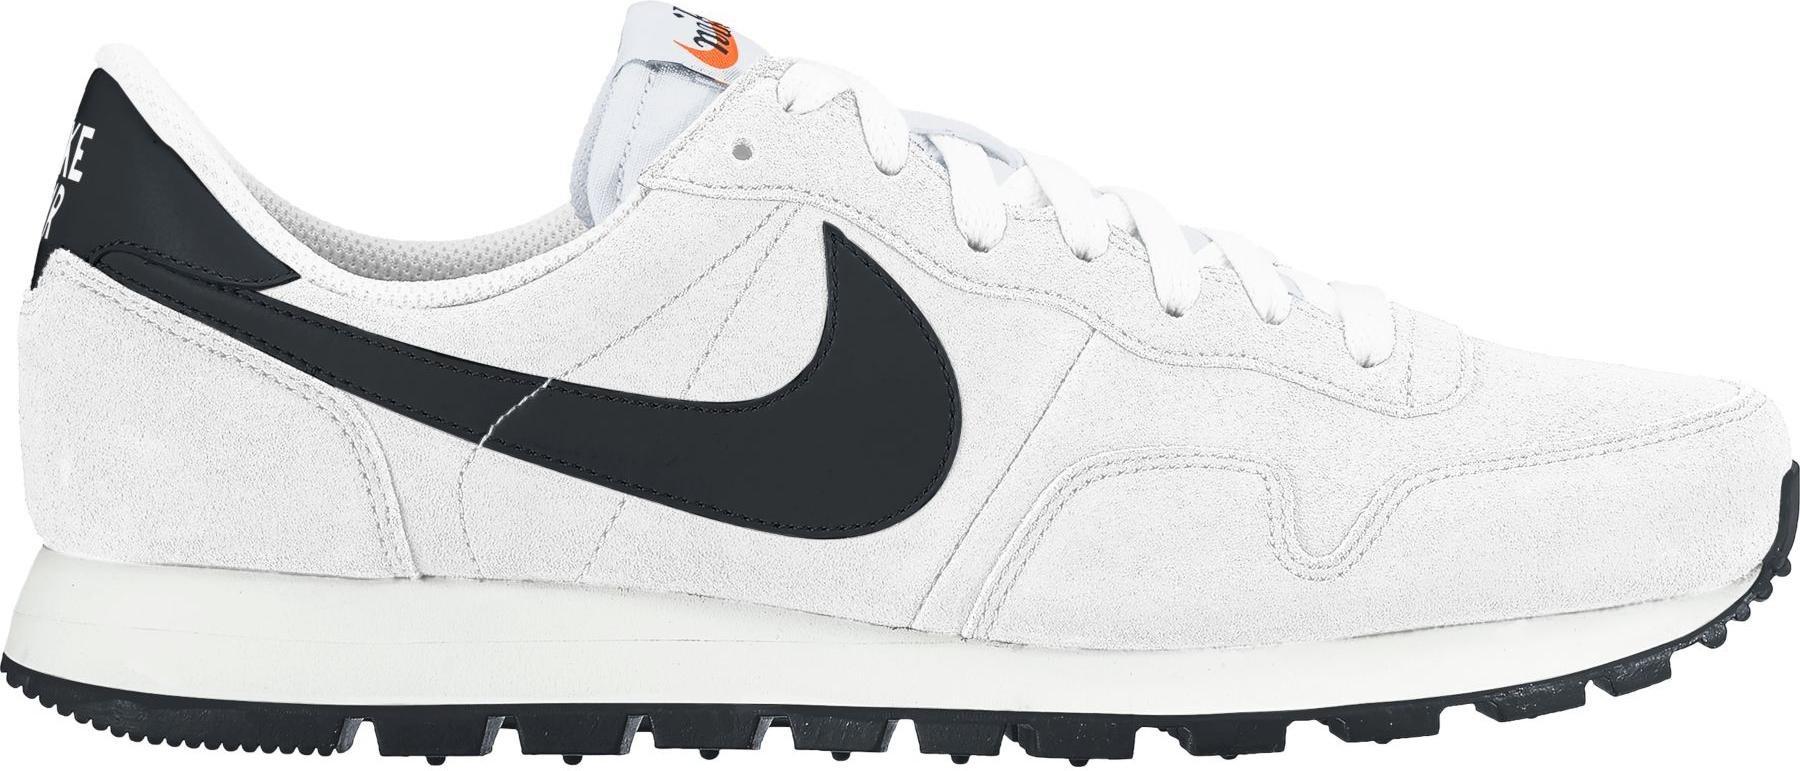 opción Contrato Transparente  Shoes Nike AIR PEGASUS 83 LTR - Top4Running.com